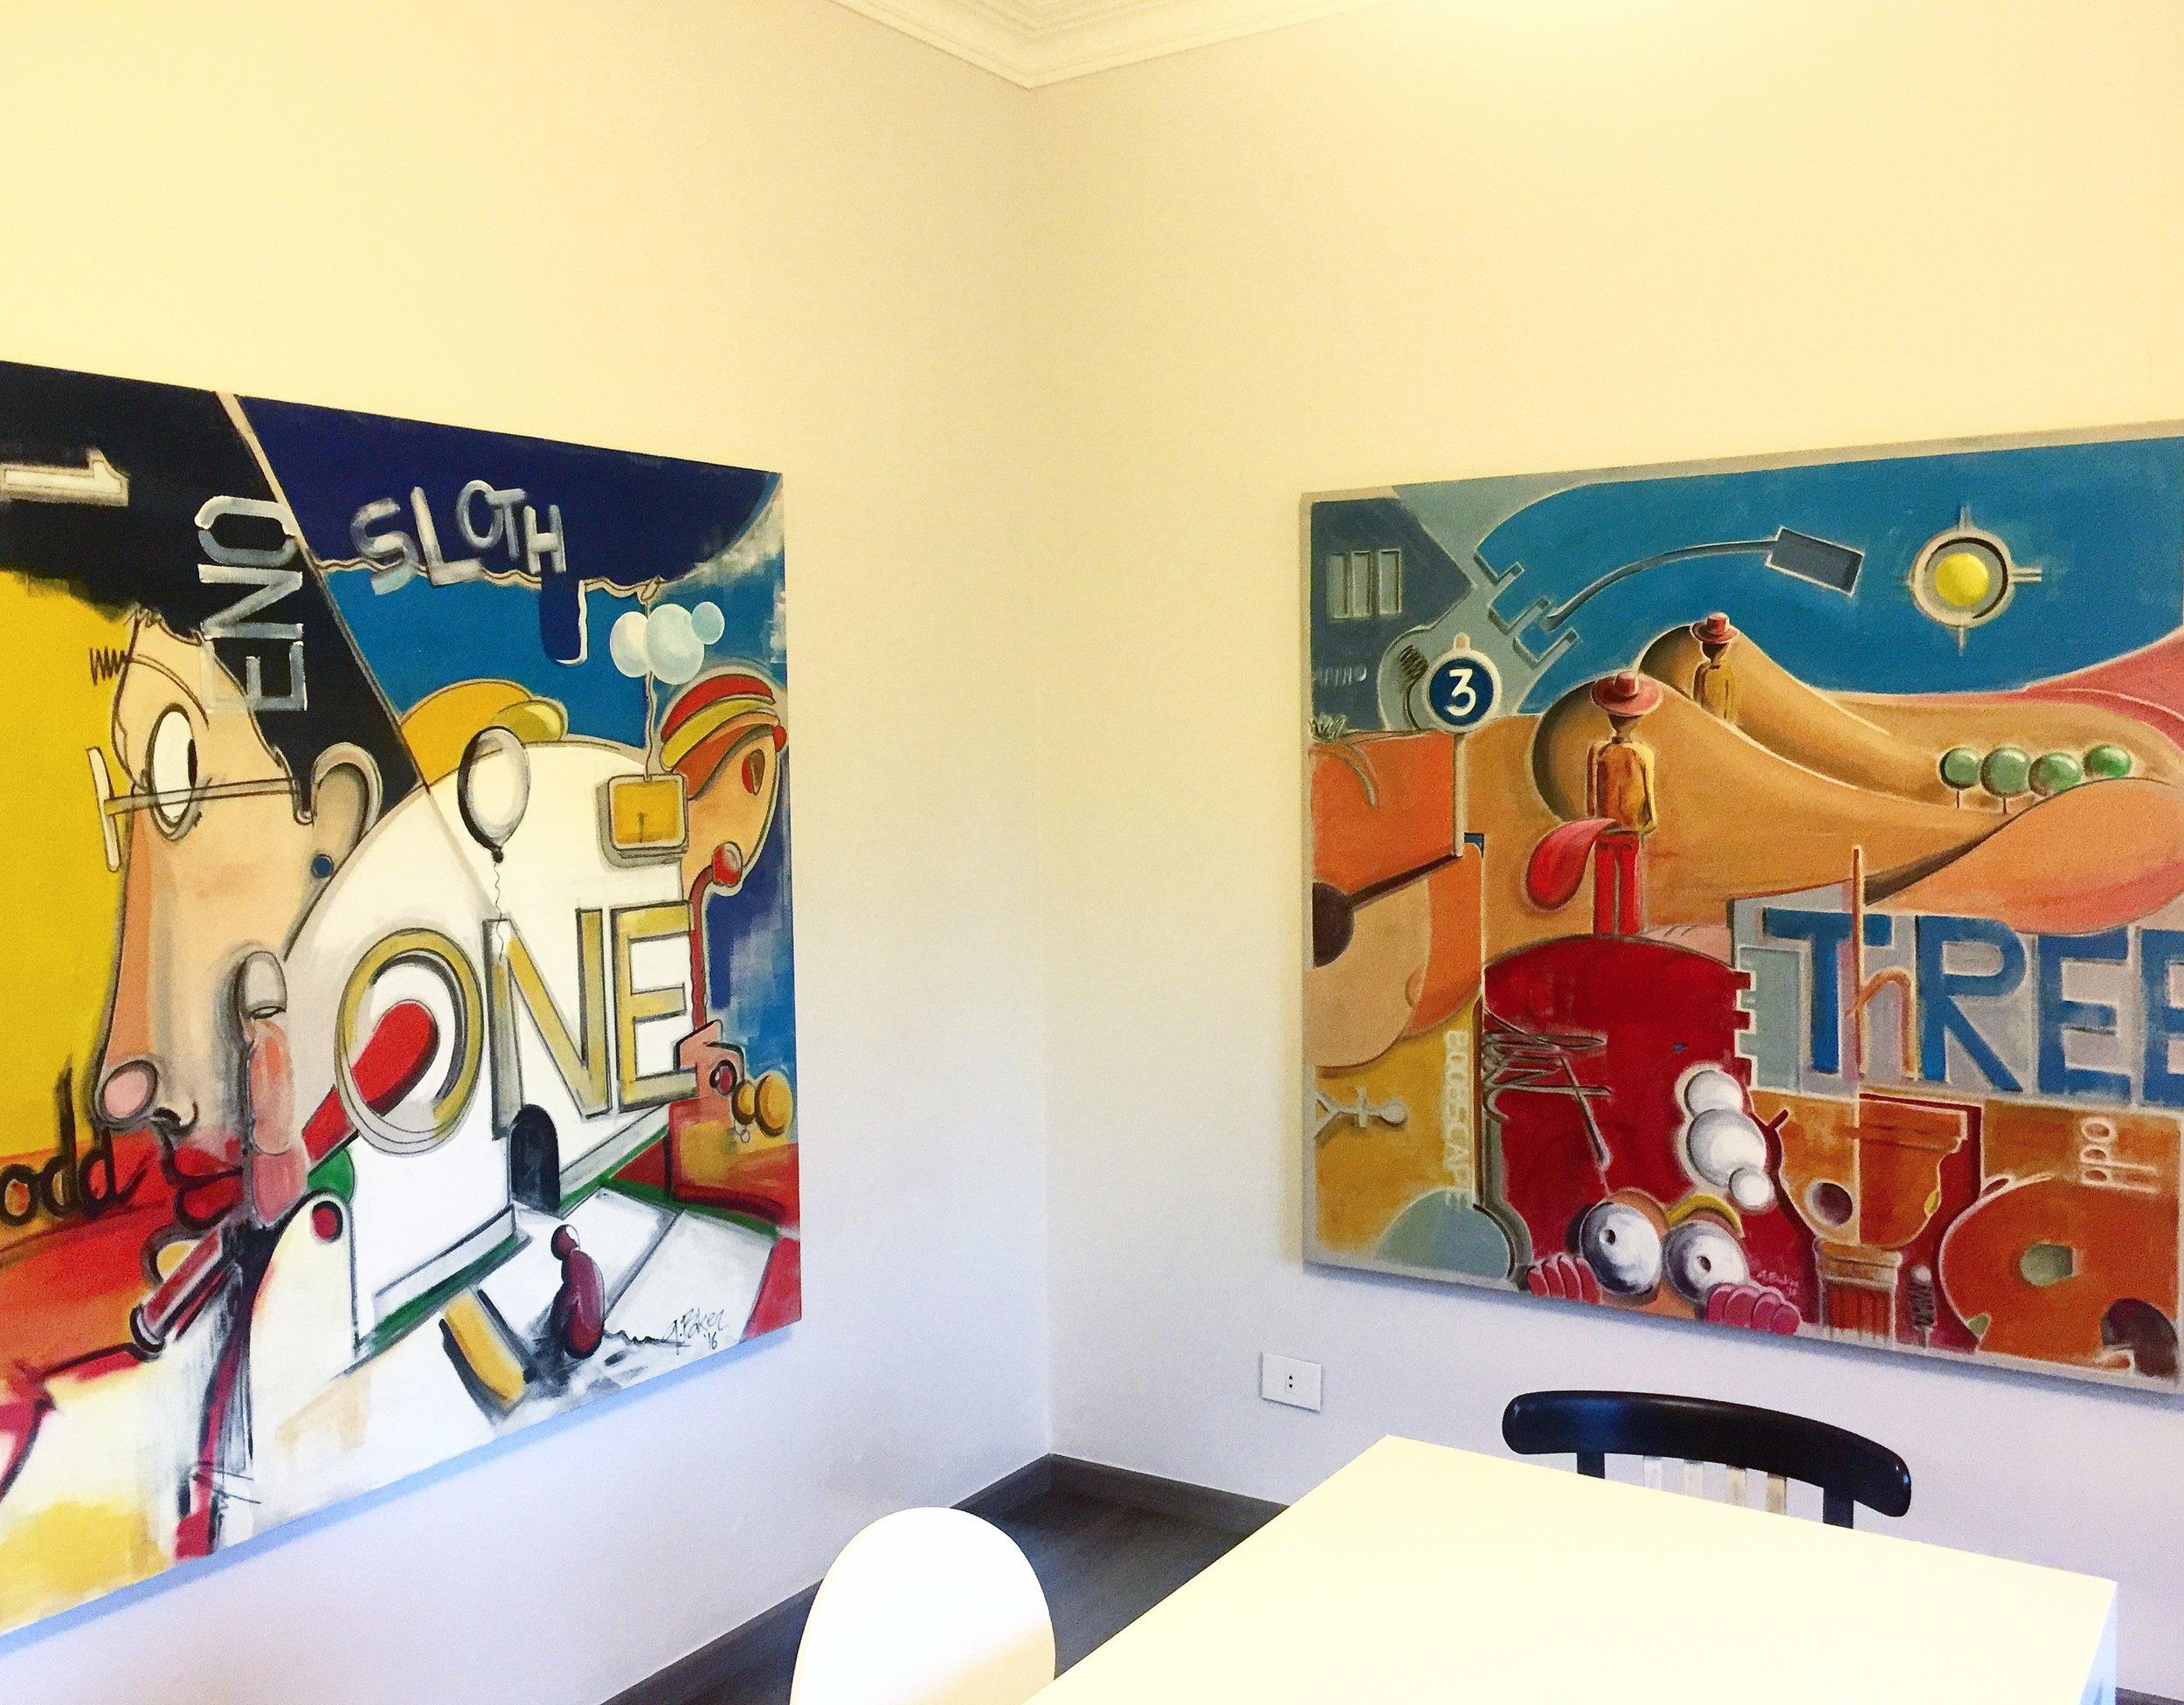 Works in progress at Ghazi Baker's studio